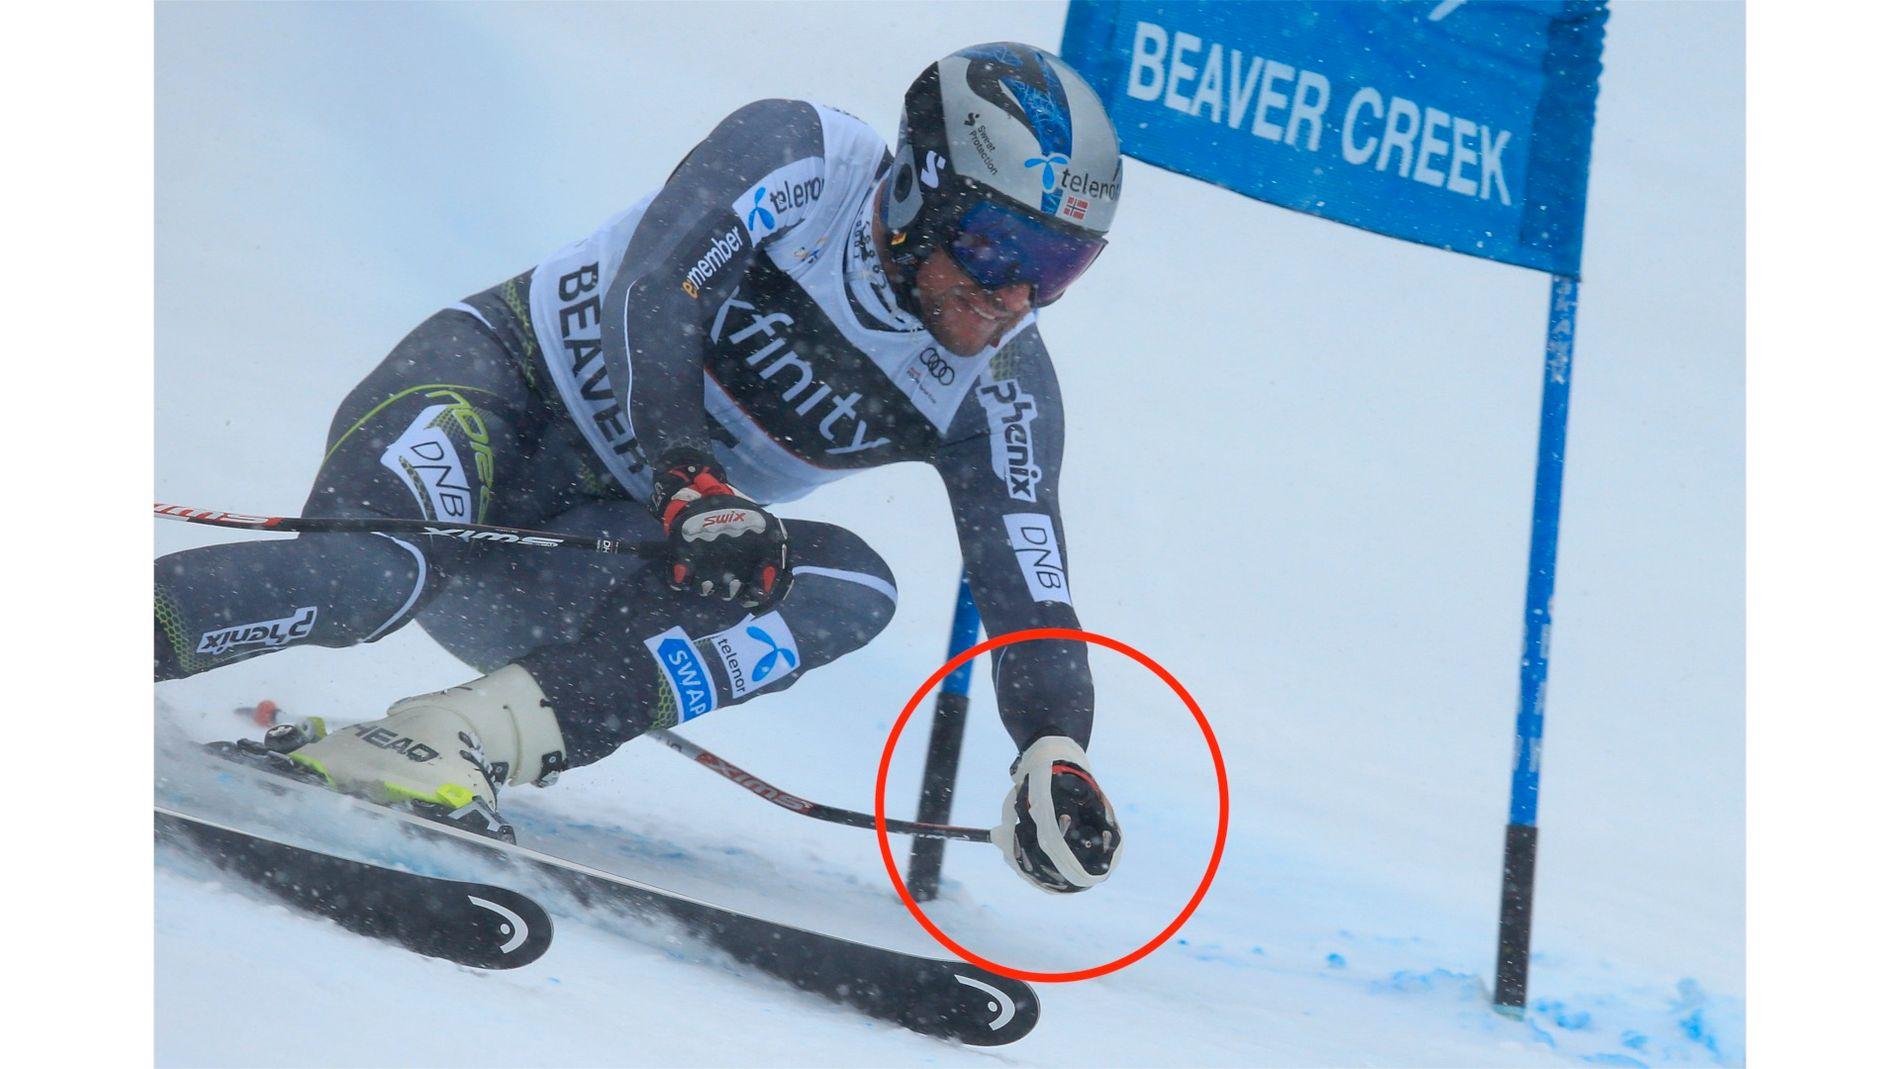 TEIP-LØSNING: Aksel Lund Svindal på vei ned super-G-løypa i Beaver Creek. På venstre hånd kan du se teipen som holder staven til skihansken.